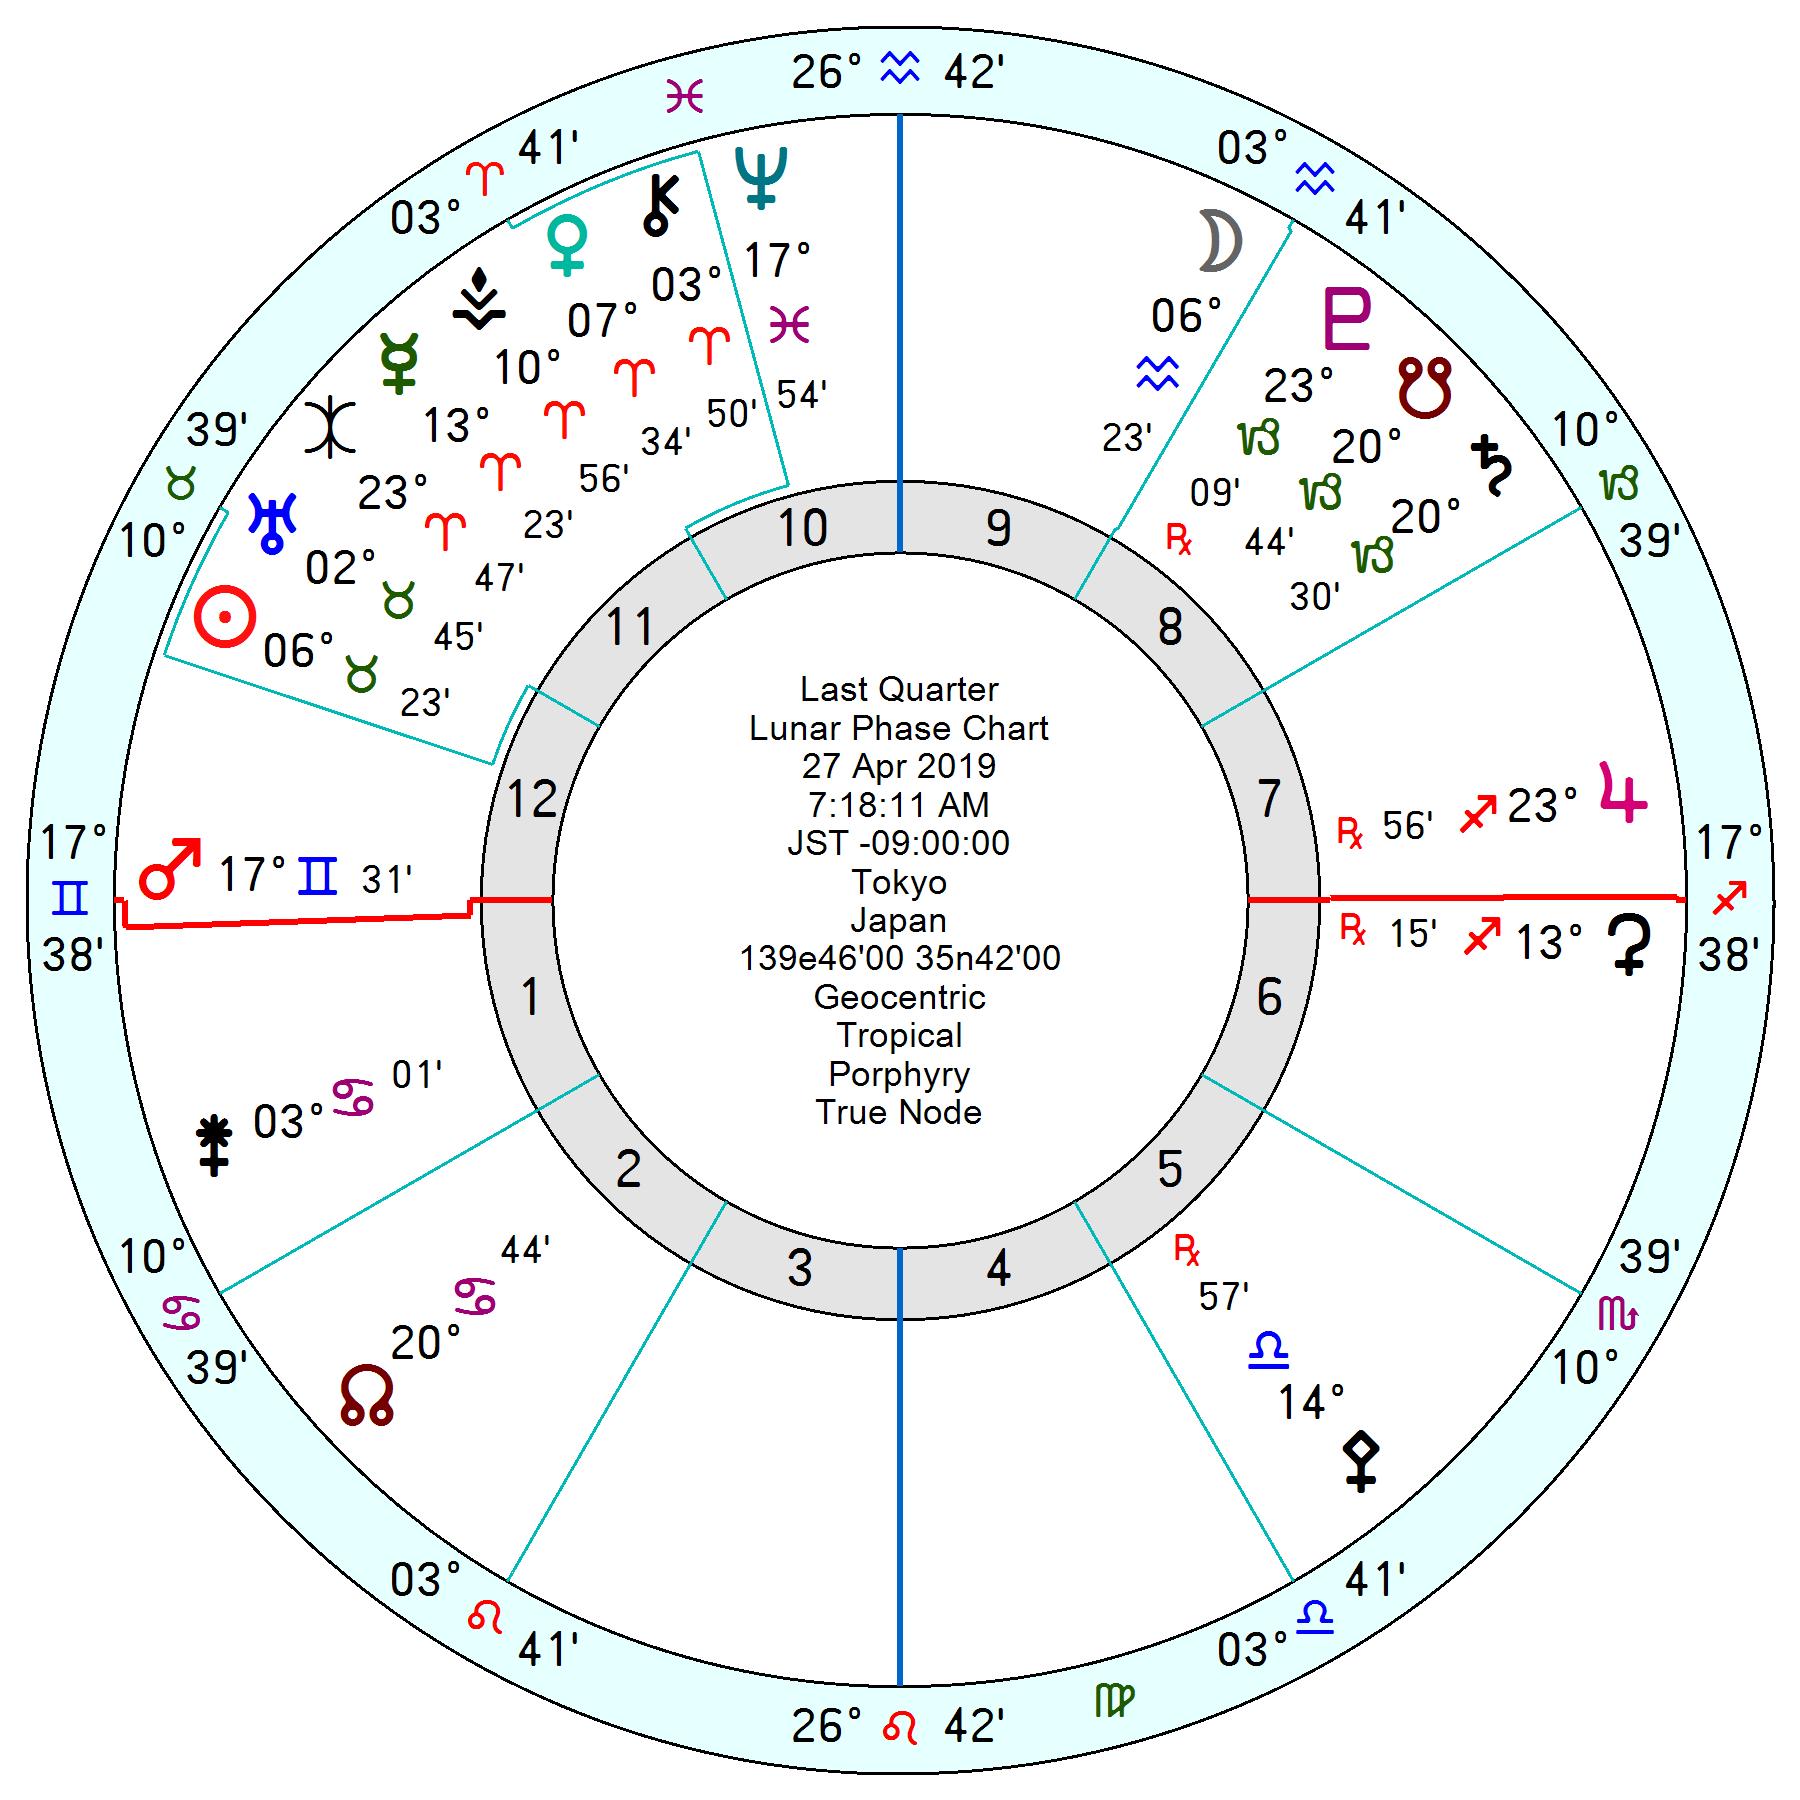 2019年4月27日水瓶座下弦の月